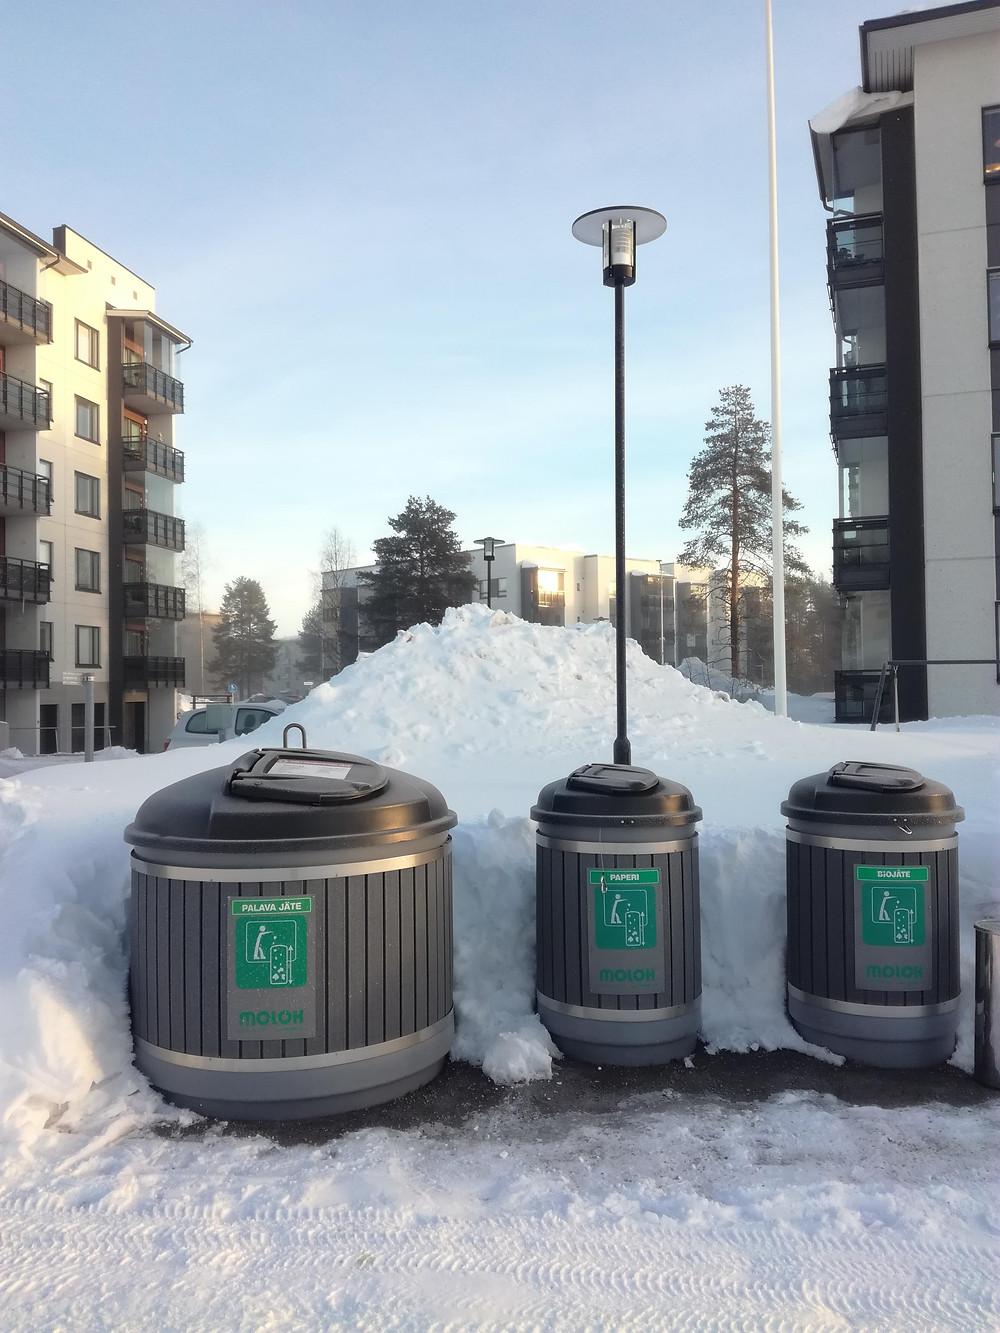 Uuden taloyhtiön roska-astiat